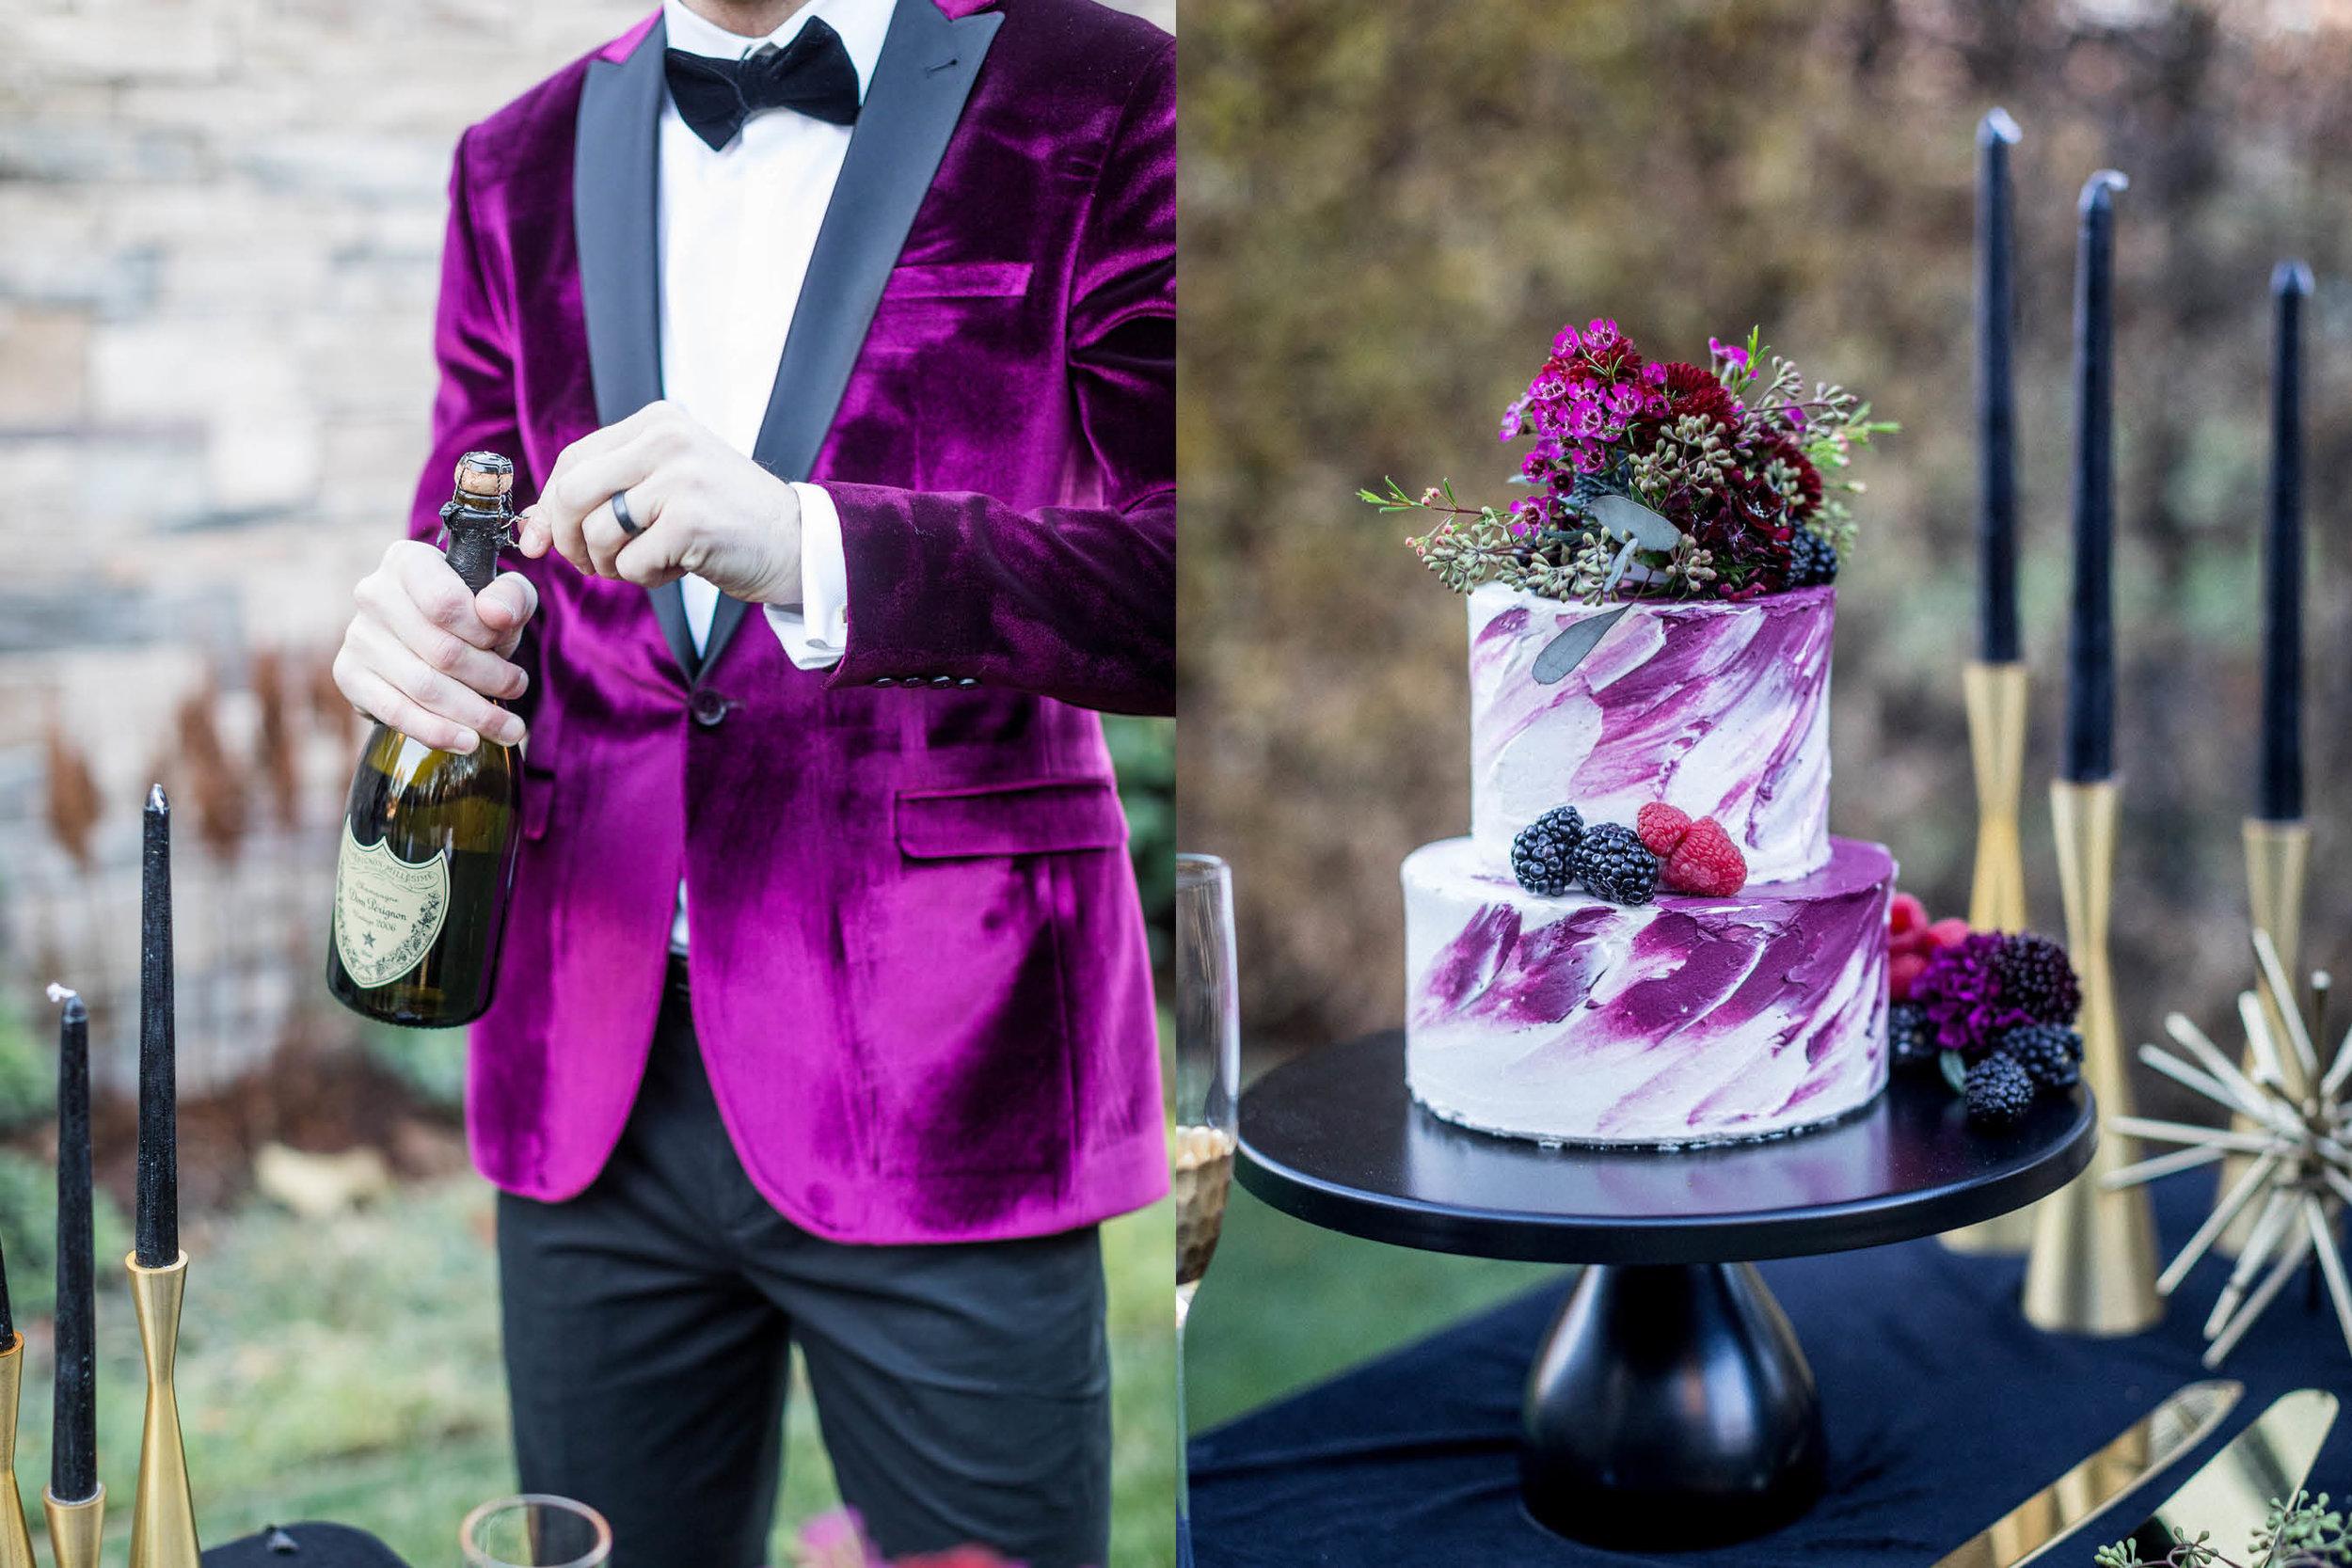 santa-barbara-elopement-wedding-planner-planning-elope-event-design-garden-kestrel-park-santa-ynez-field-maroon-velvet-coordinator-day-of-winter-estate-fall (17).jpg